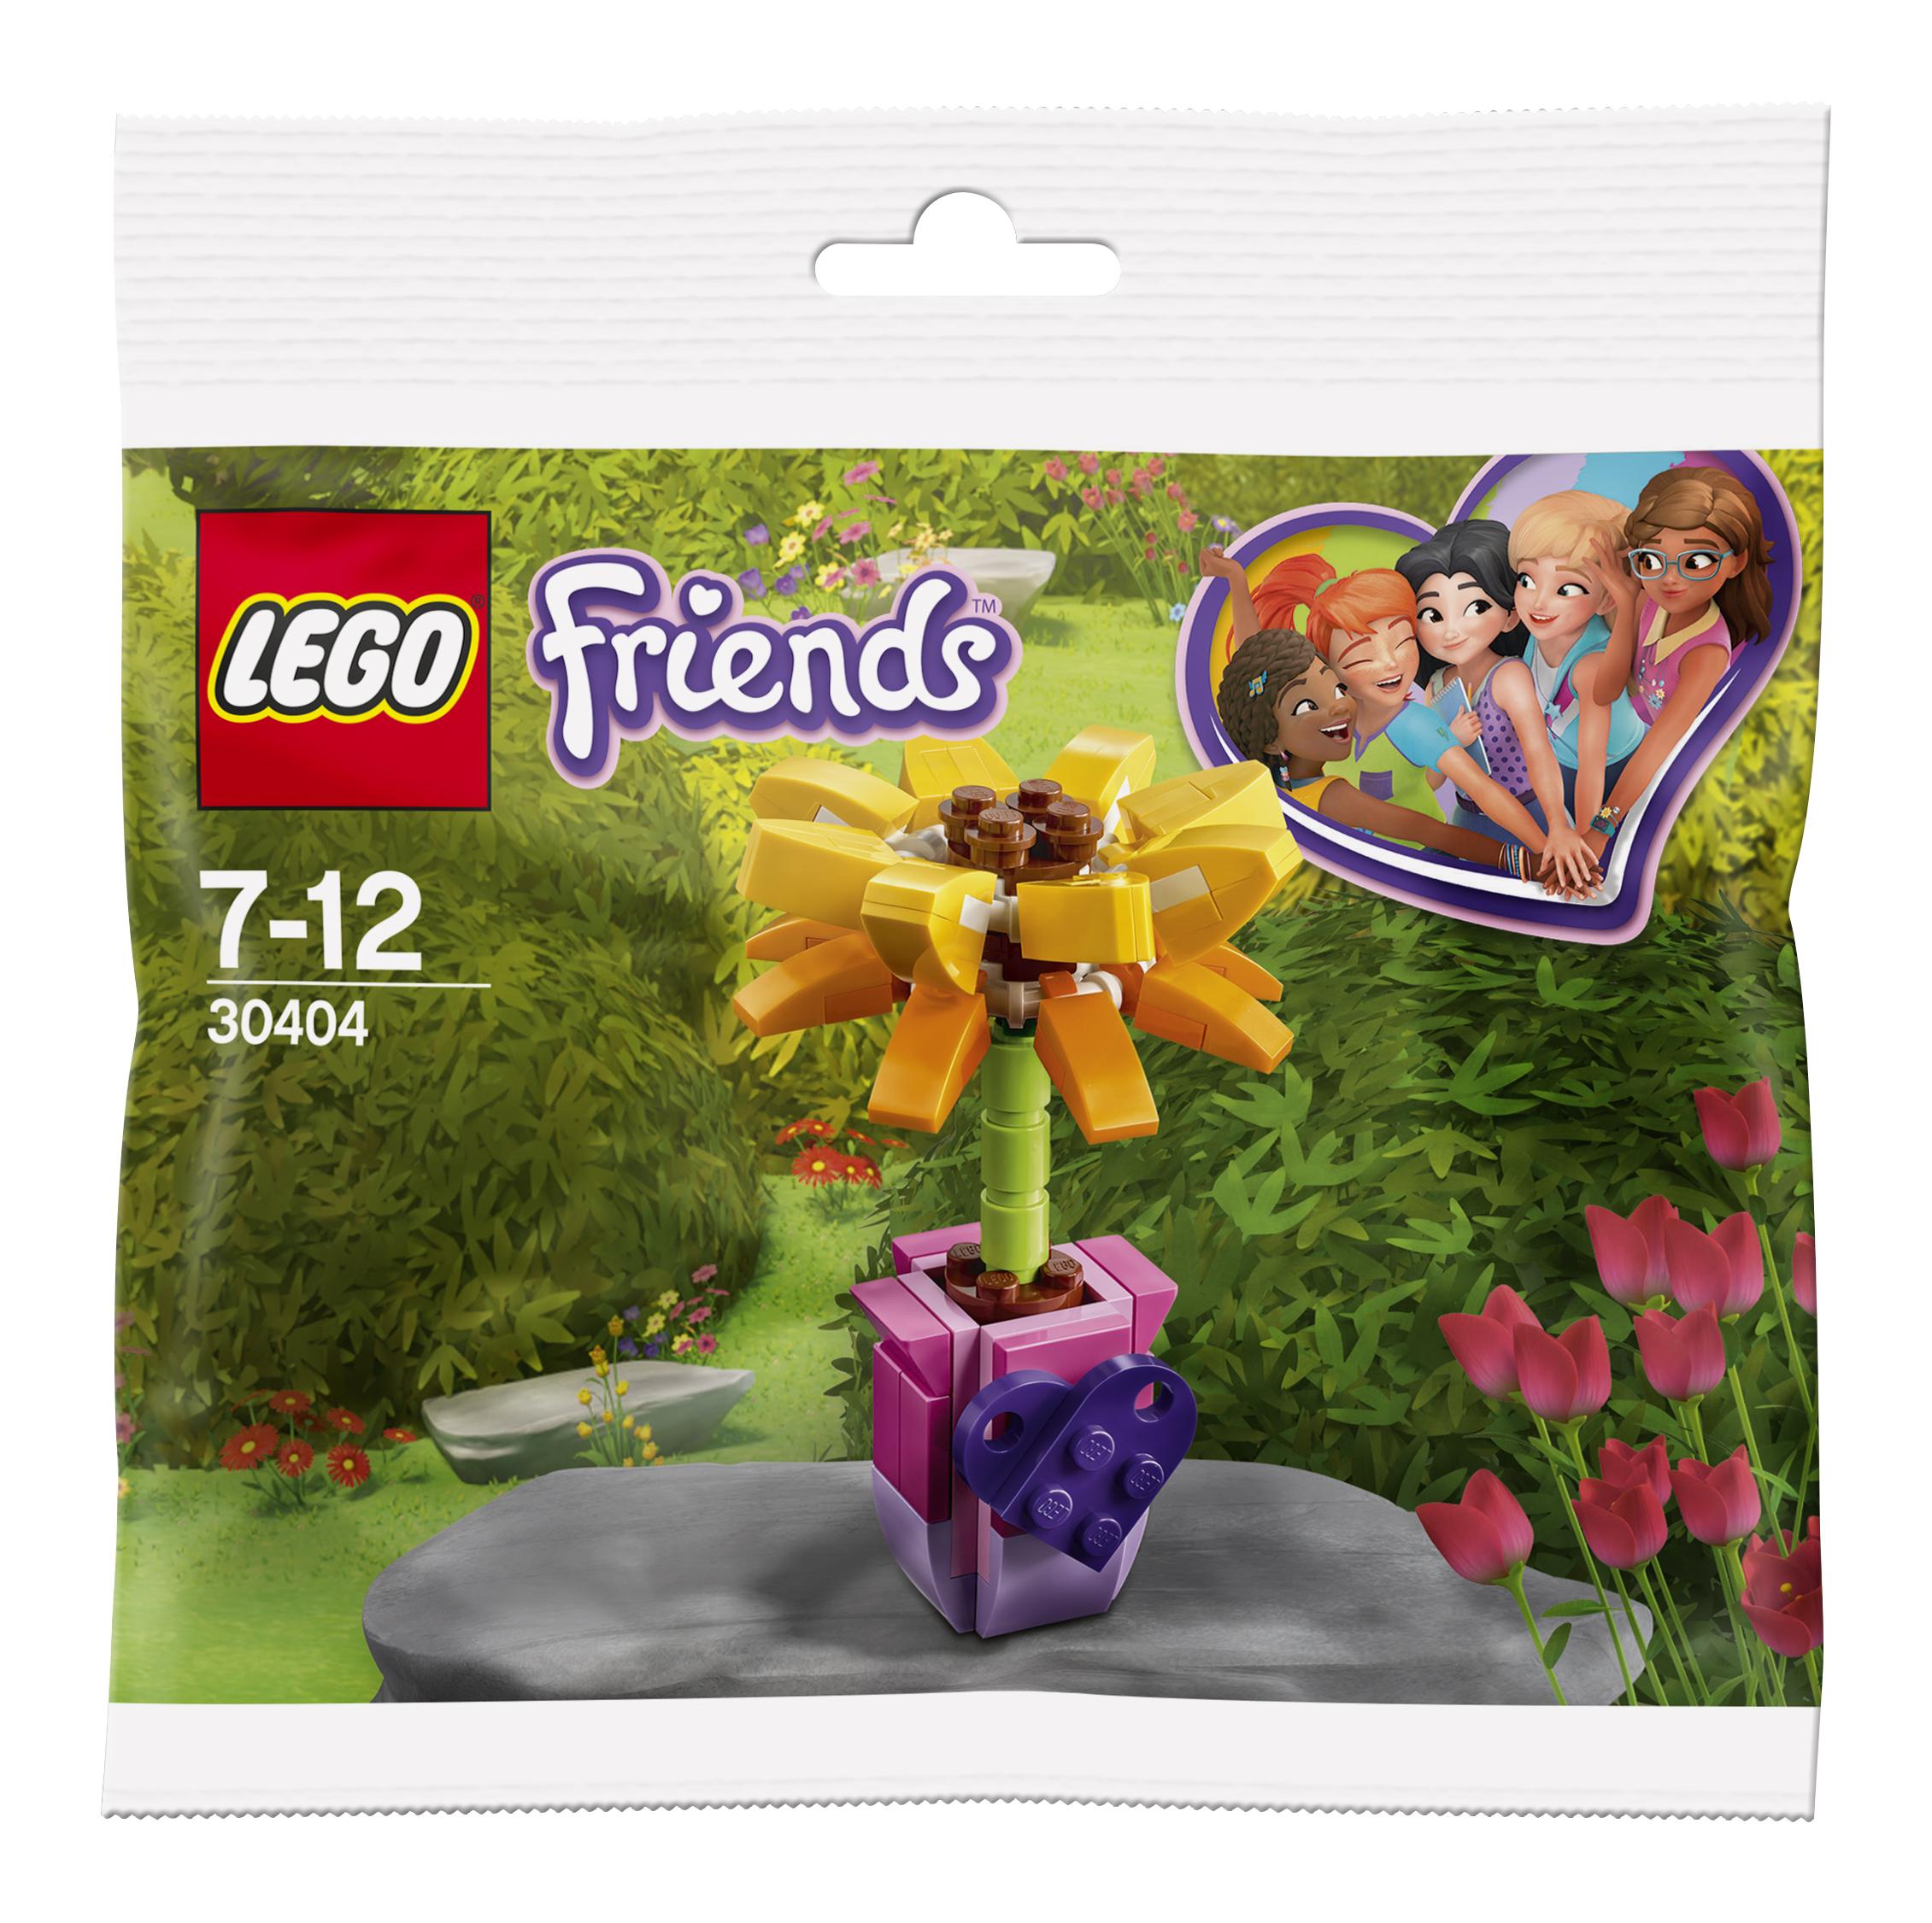 LEGO LEGO Конструктор LEGO 30404 Цветок дружбы lego конструктор lego friends 41340 дом дружбы